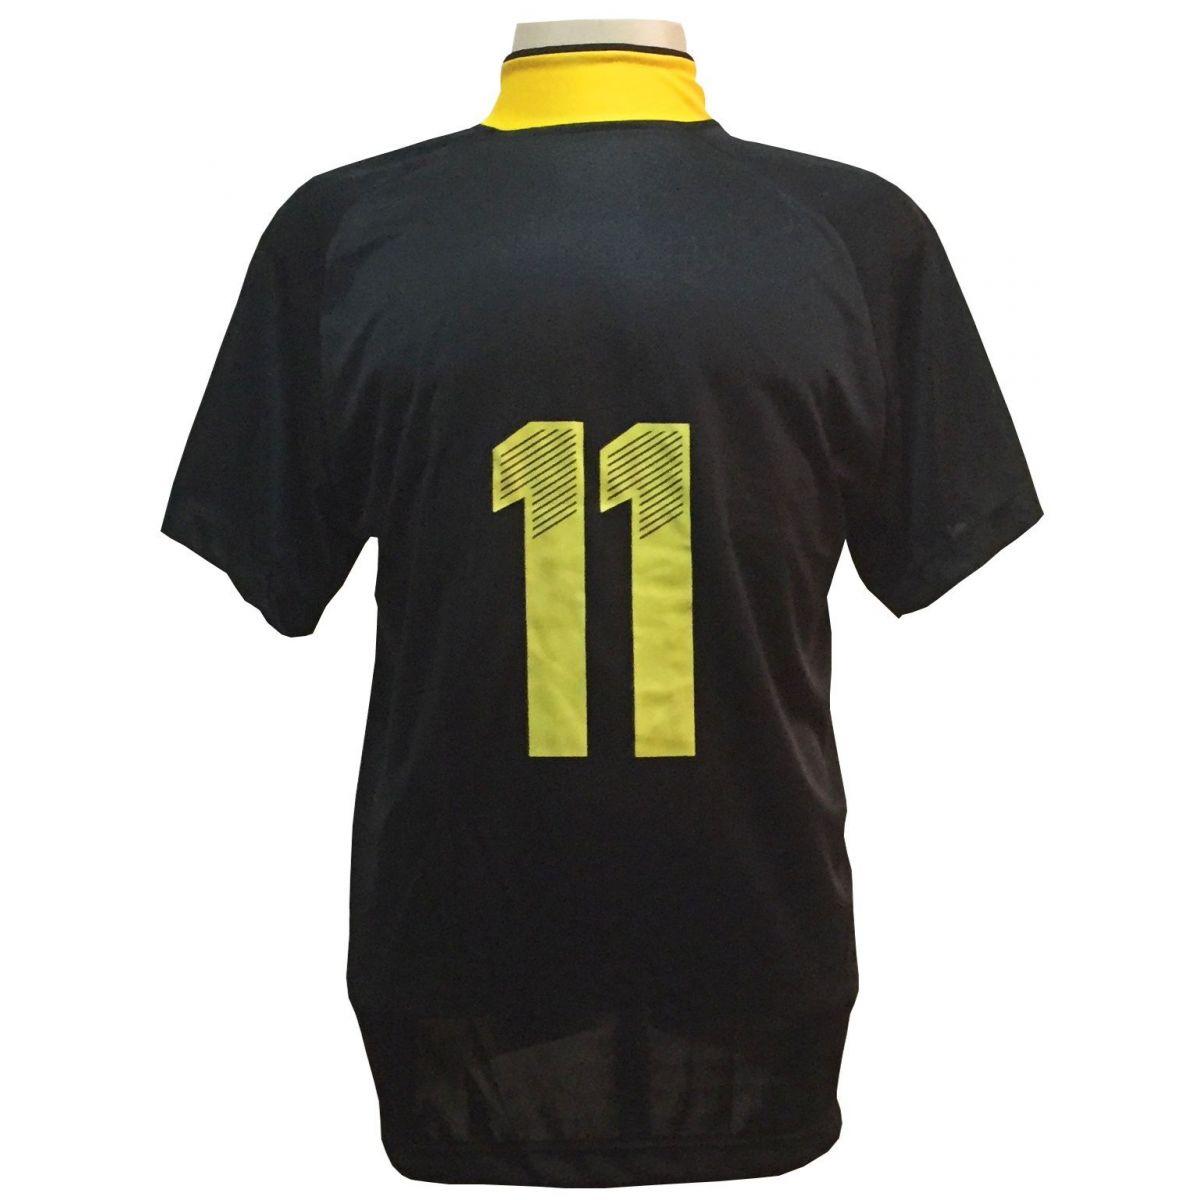 Uniforme Esportivo com 18 Camisas modelo Milan Preto/Amarelo + 18 Calções modelo Copa Preto/Amarelo